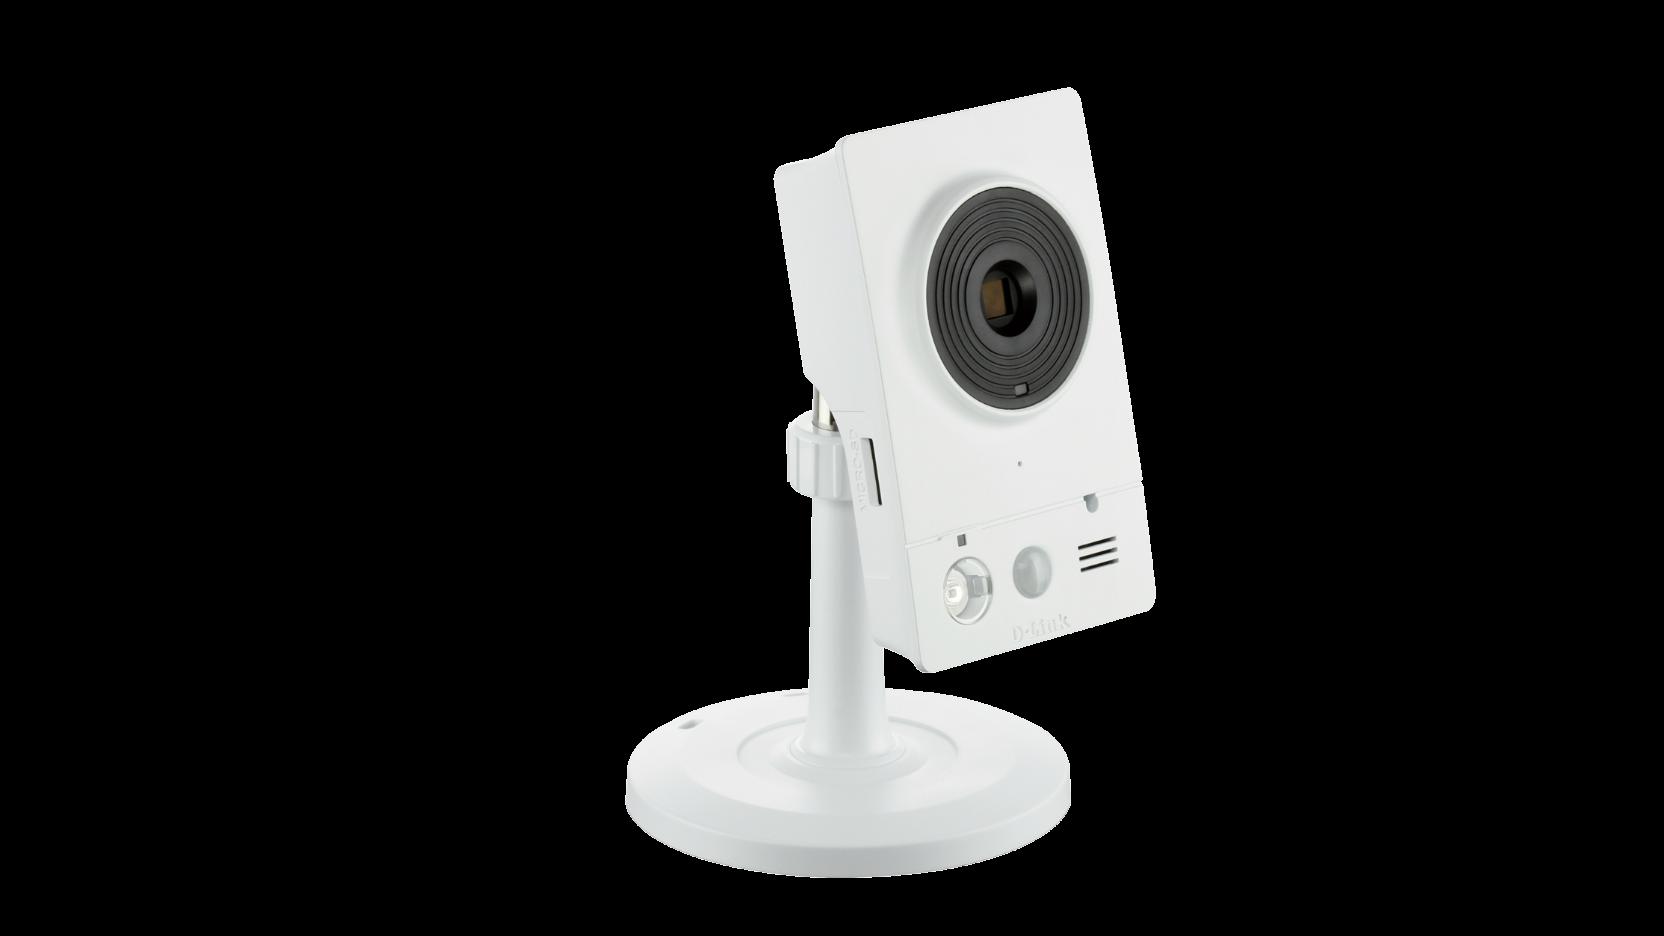 Uwaga, posiadacze domowego monitoringu D-Link: hakerzy mog± przej±æ obraz z tych kamer